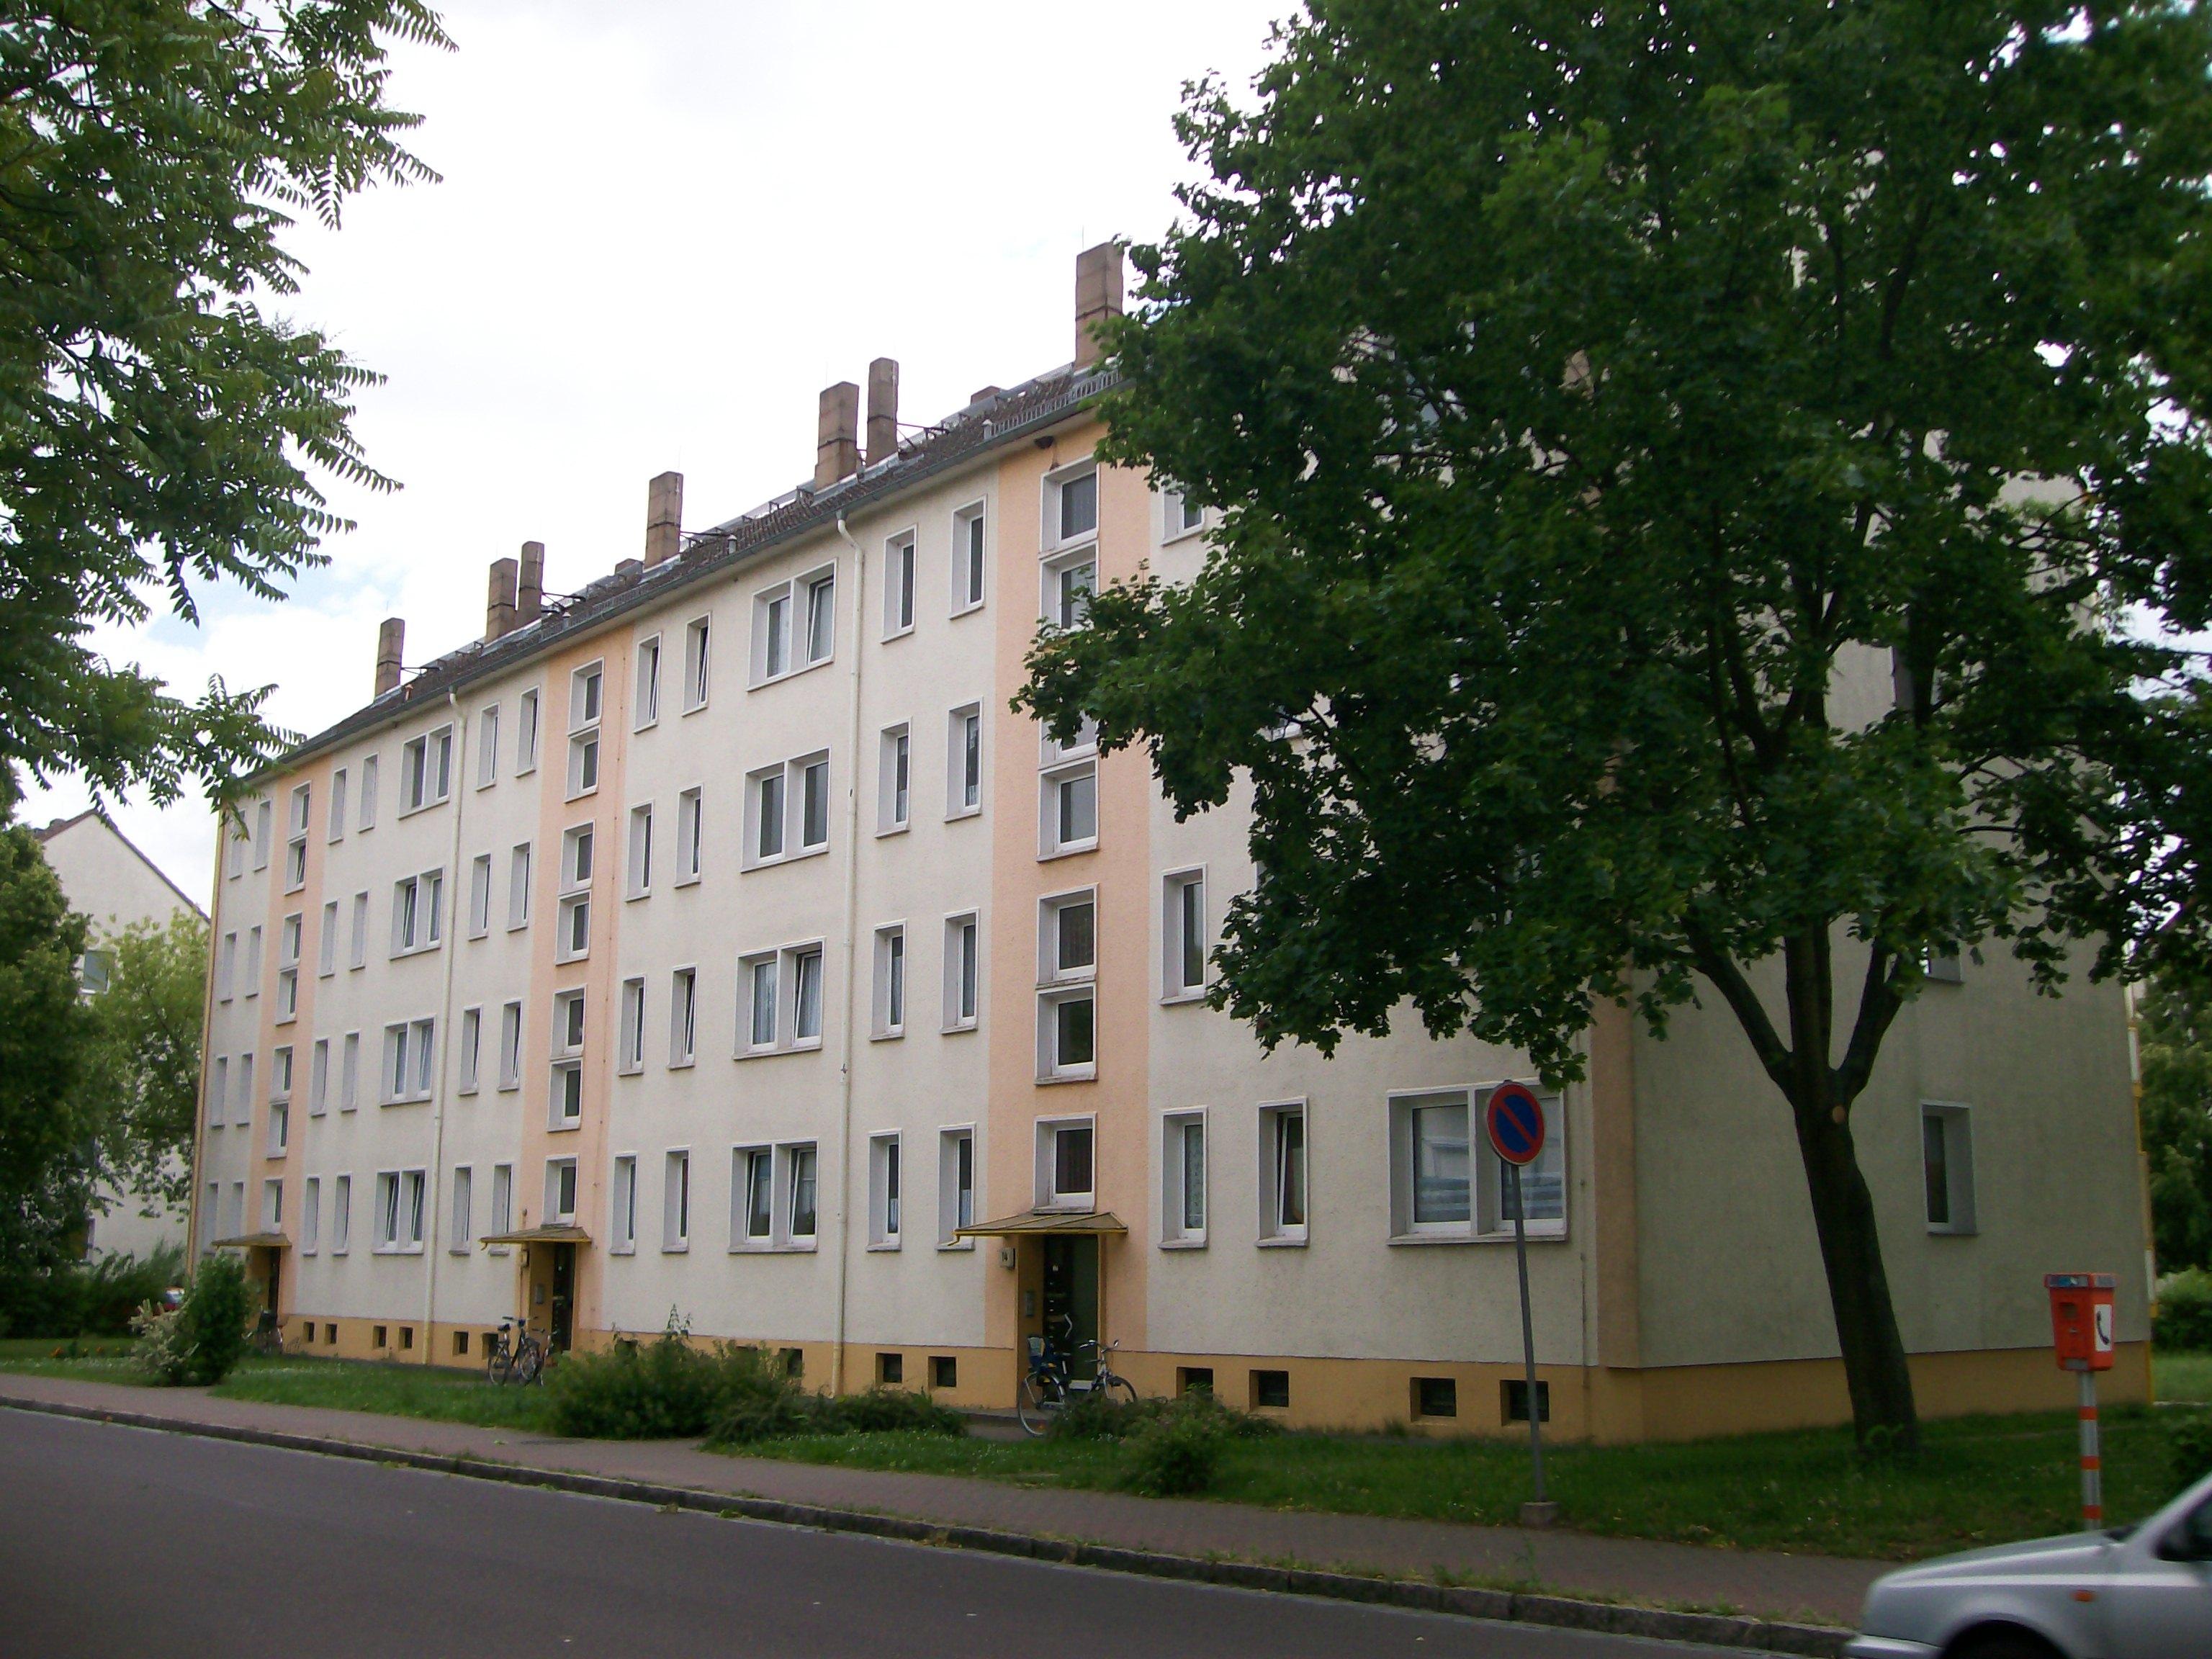 Wohnung - Albert-Schweitzer-Straße 16